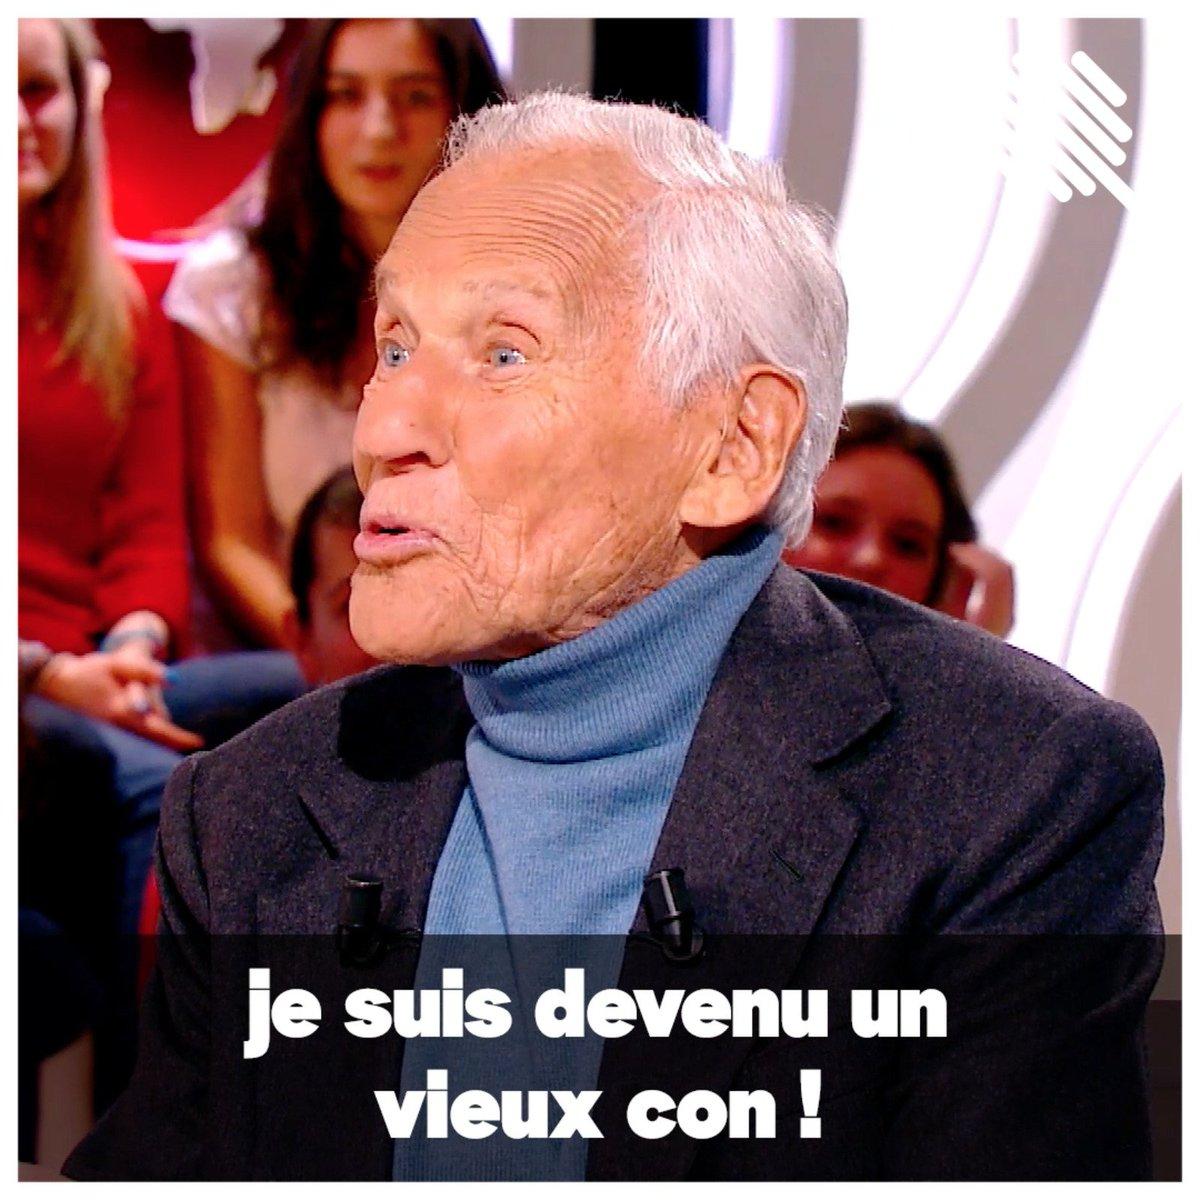 """Résultat de recherche d'images pour """"vieux con"""""""